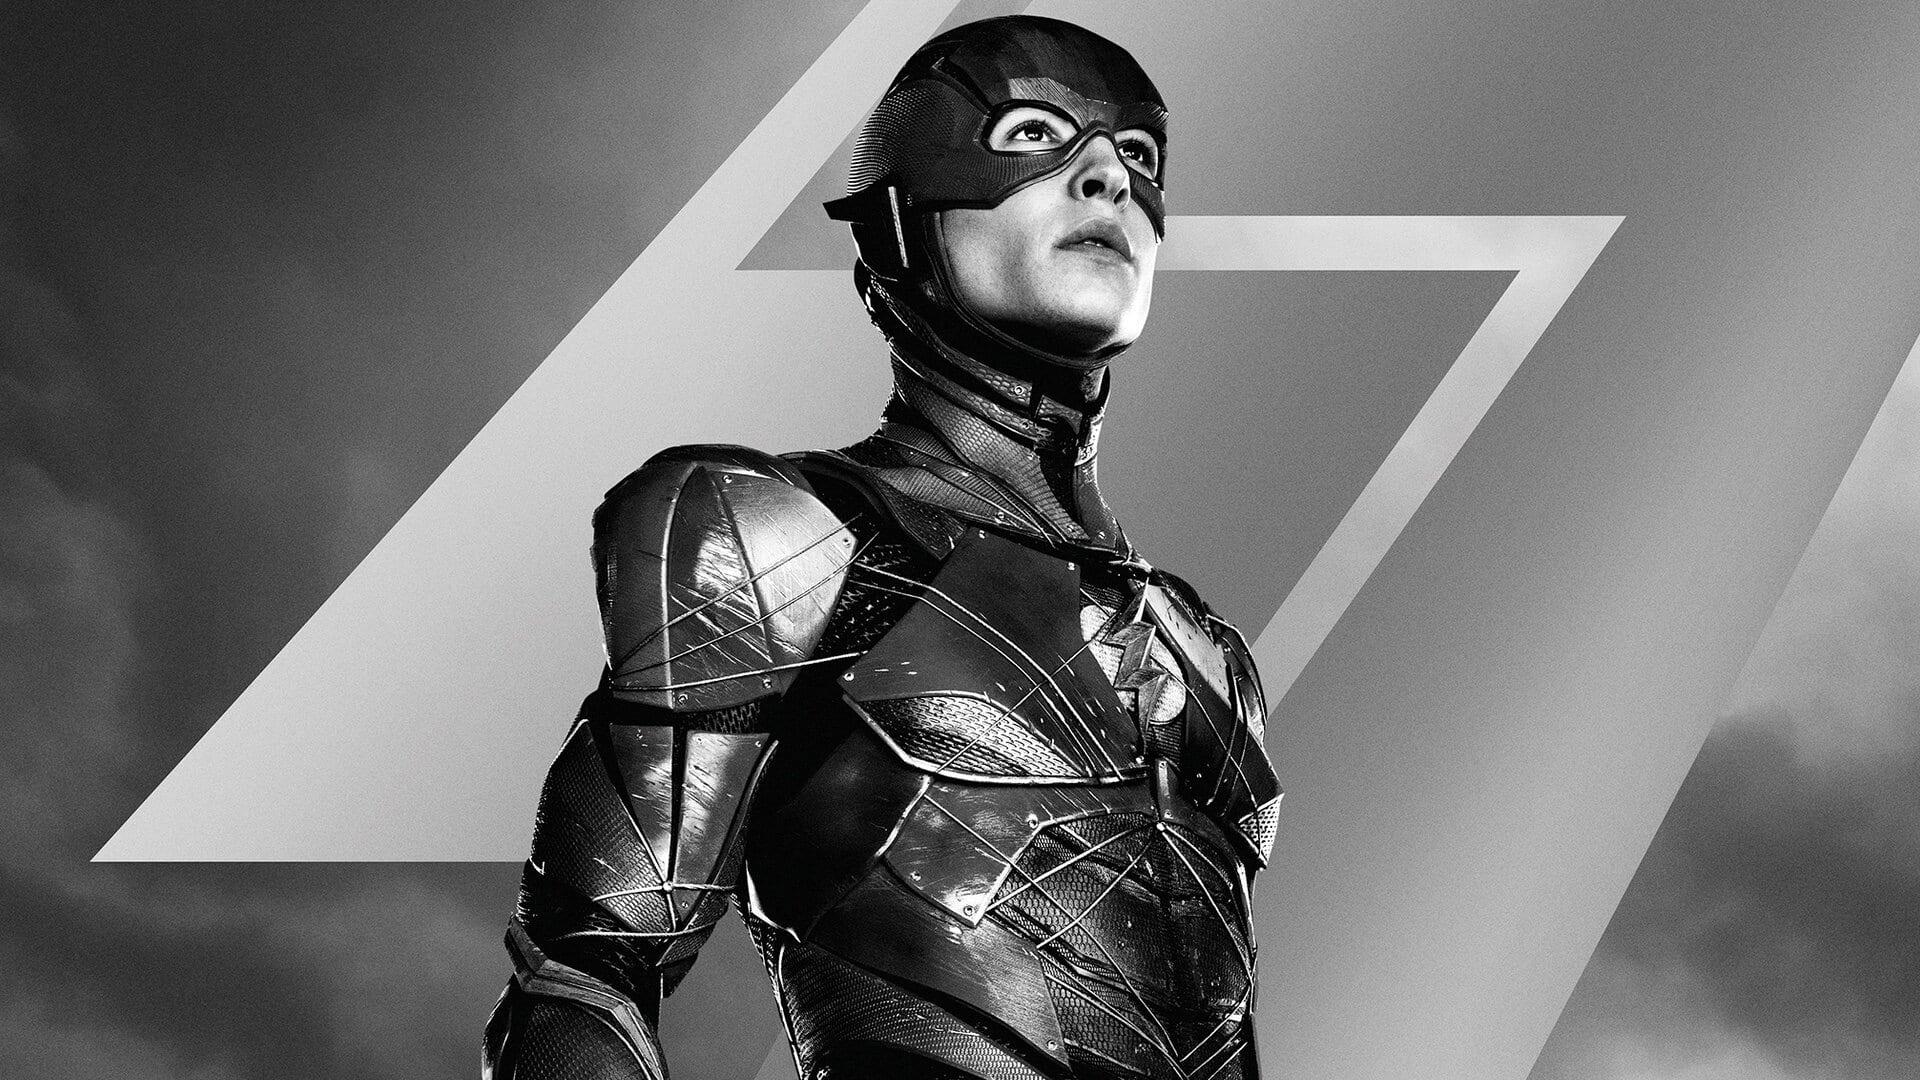 """Ζack Snyder's Justice League – """"The Flash"""" Trailer"""